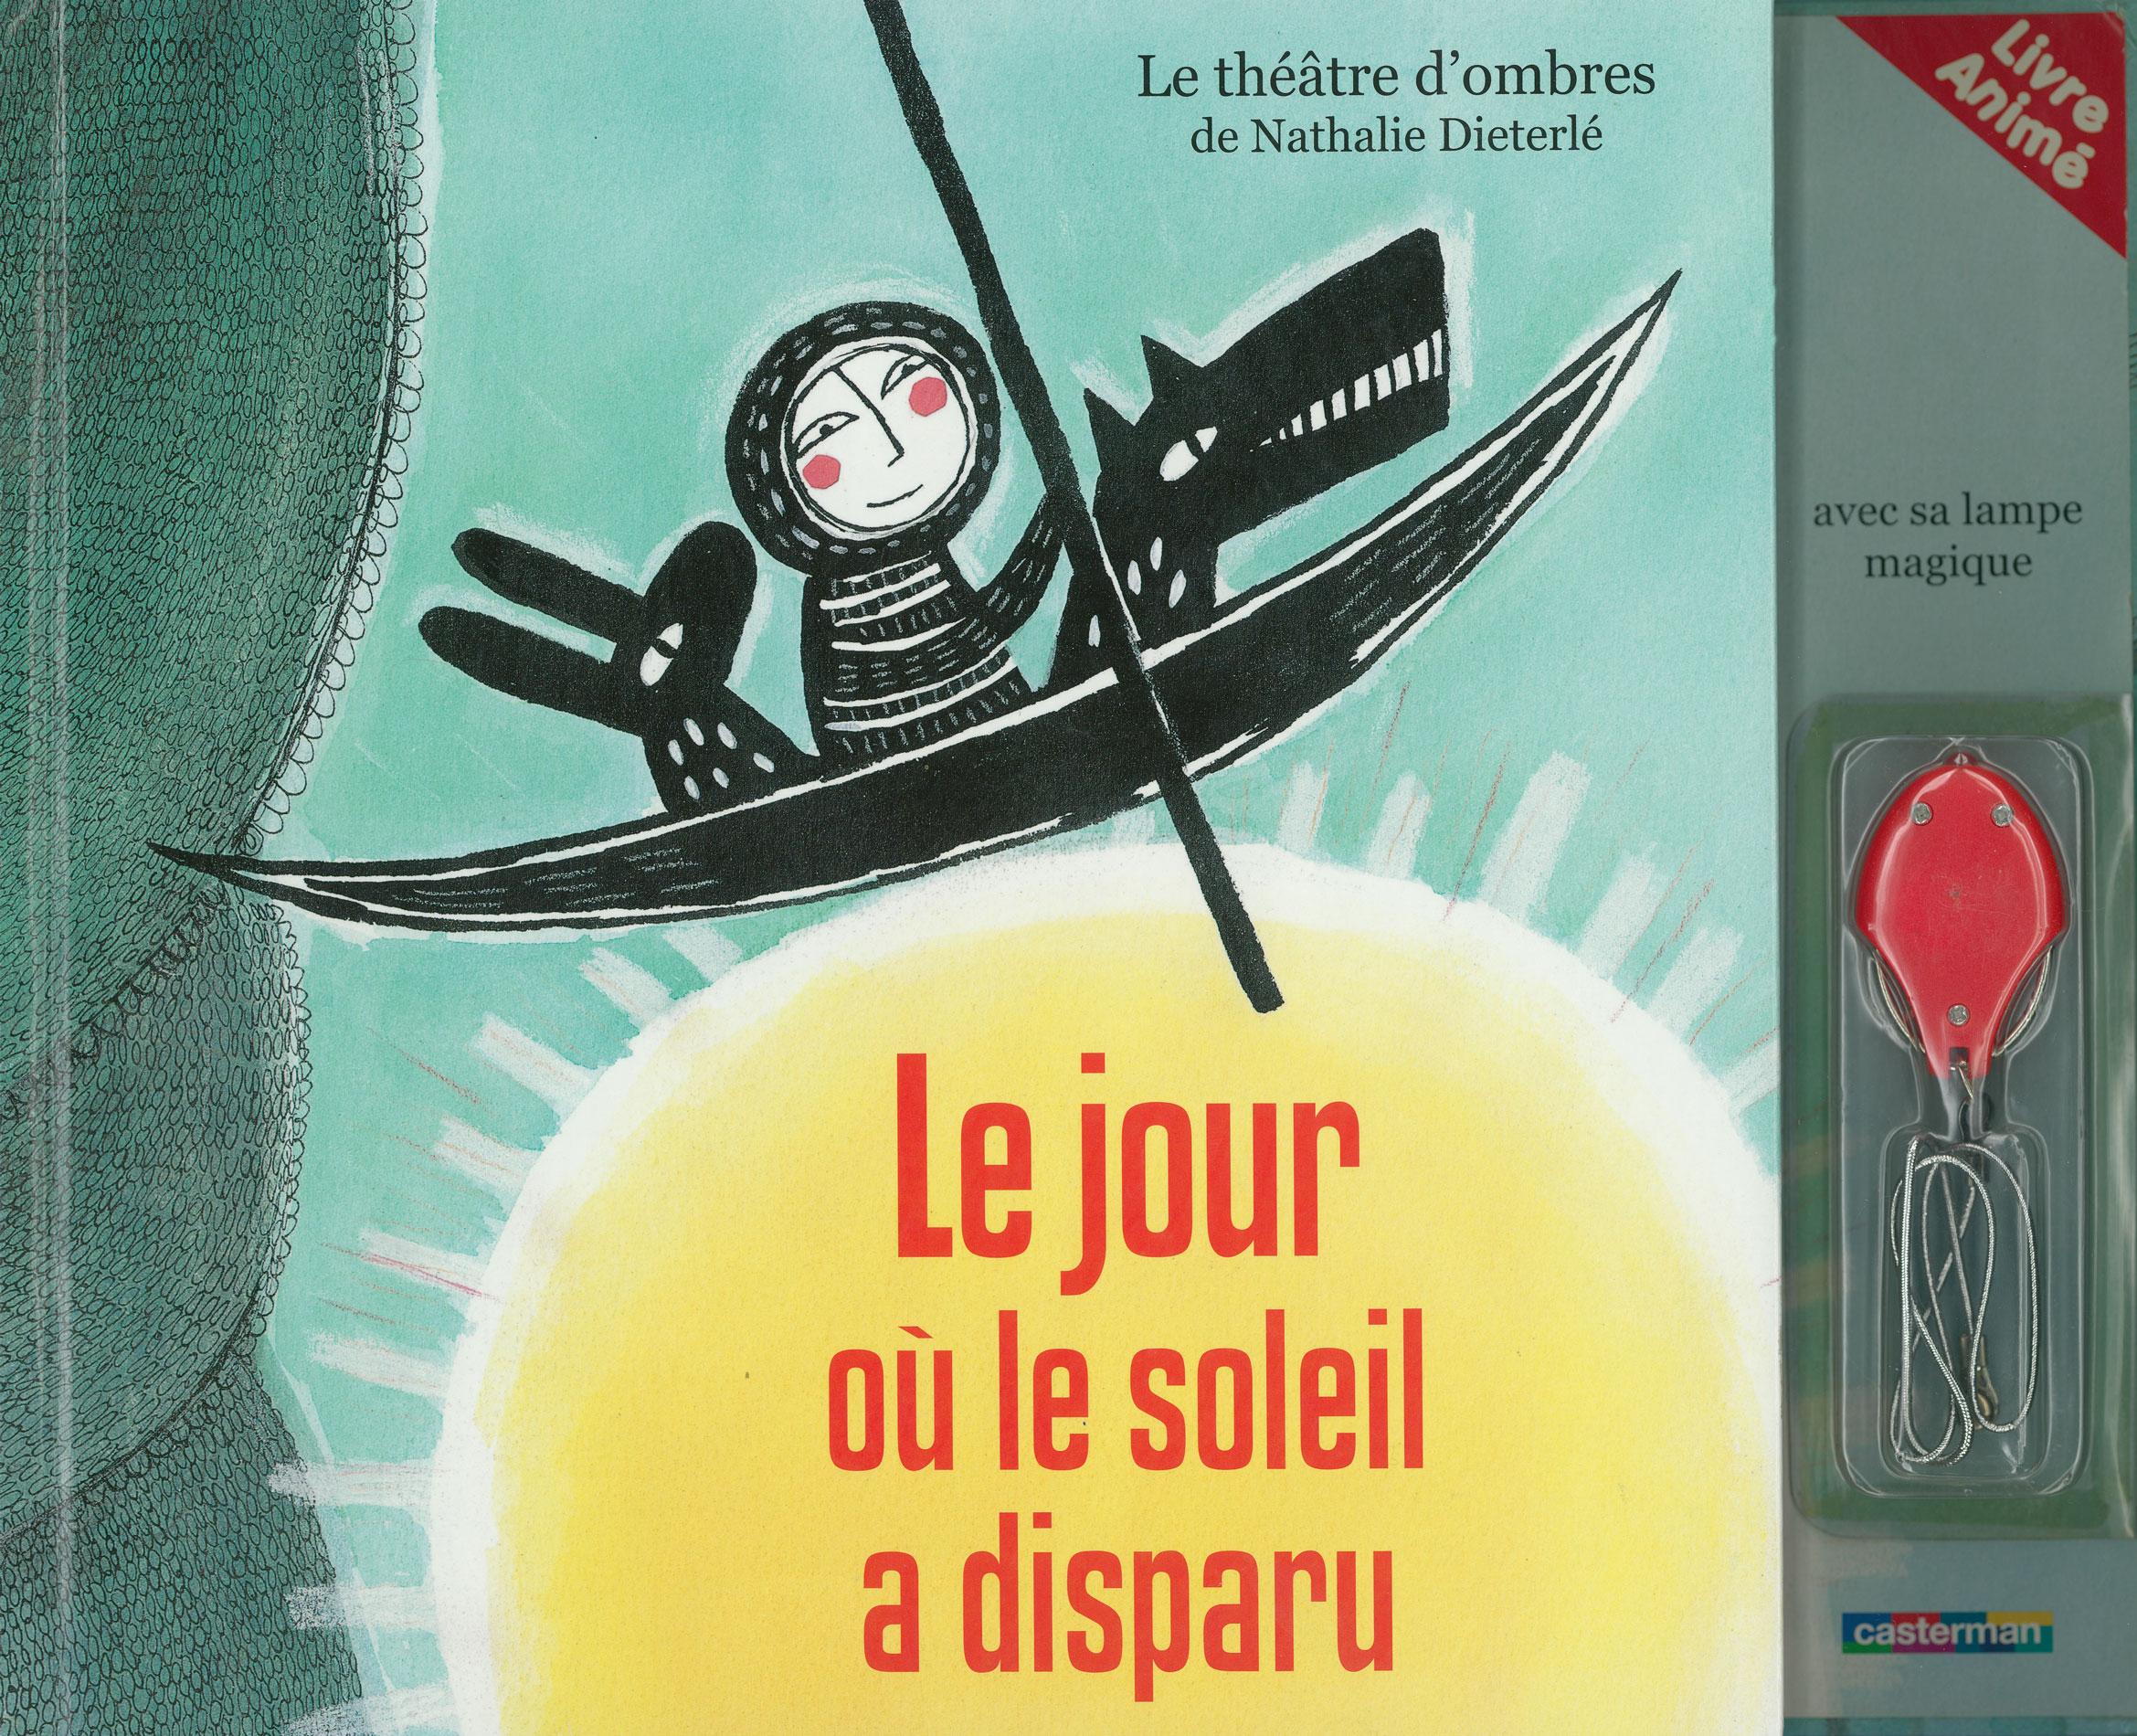 Livre théatre d'ombres jeunesse conçu et illustré par Nathalie dieterlé. Des ombres chinoises sont projetées dans le livre grâce à une lampe de poche.